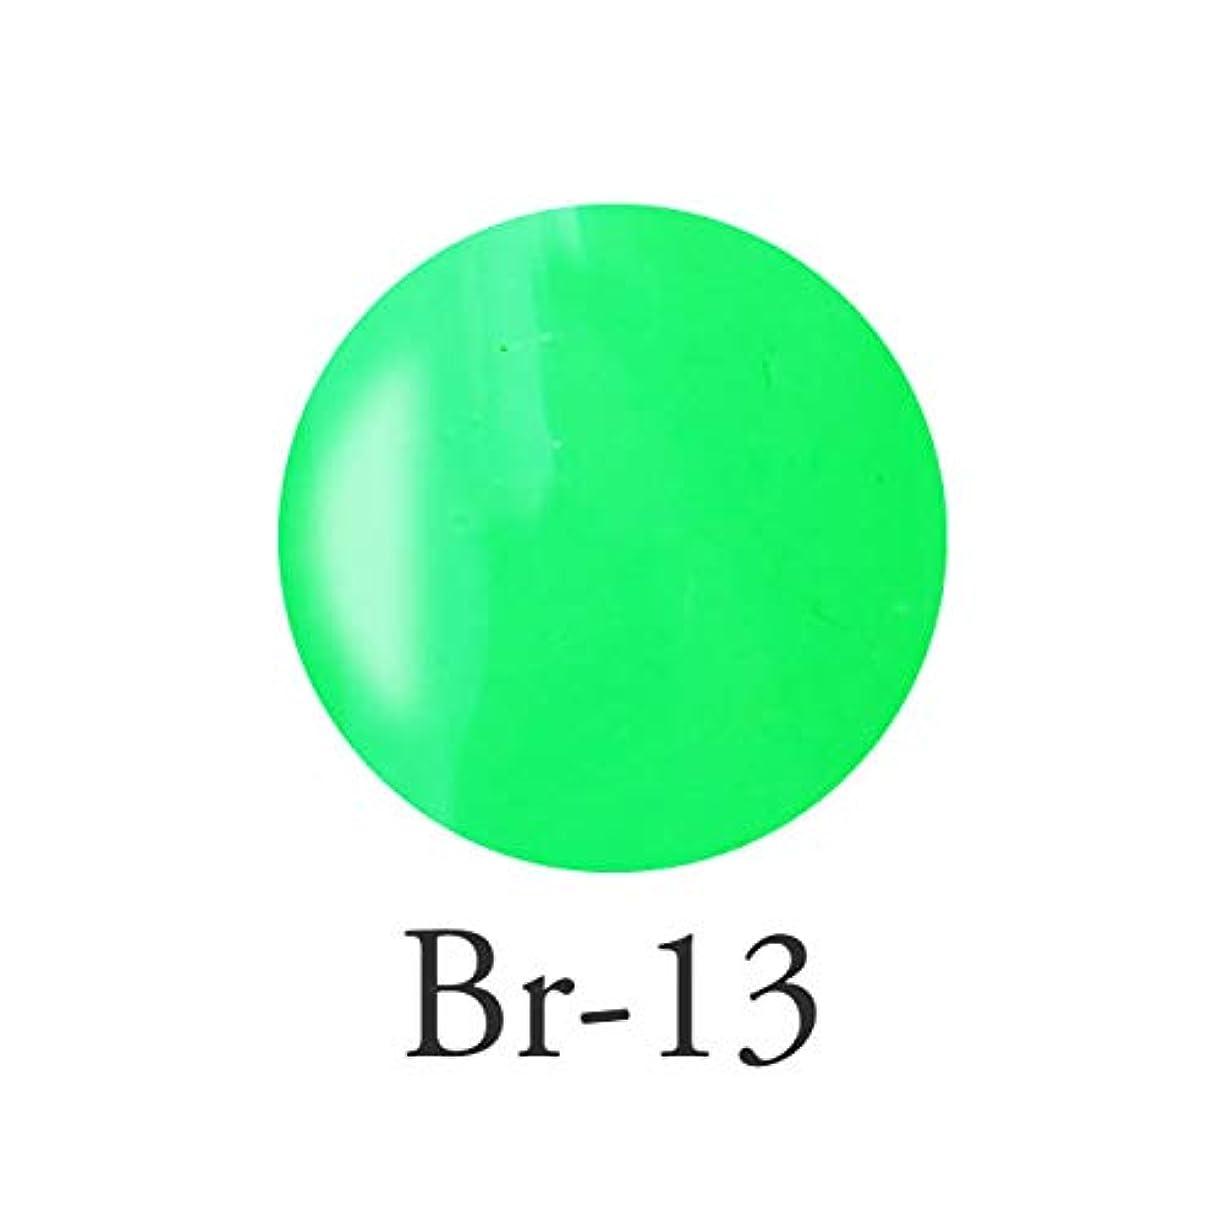 擬人グリットマッサージエンジェル クィーンカラージェル レオノールグリーン Br-13 3g